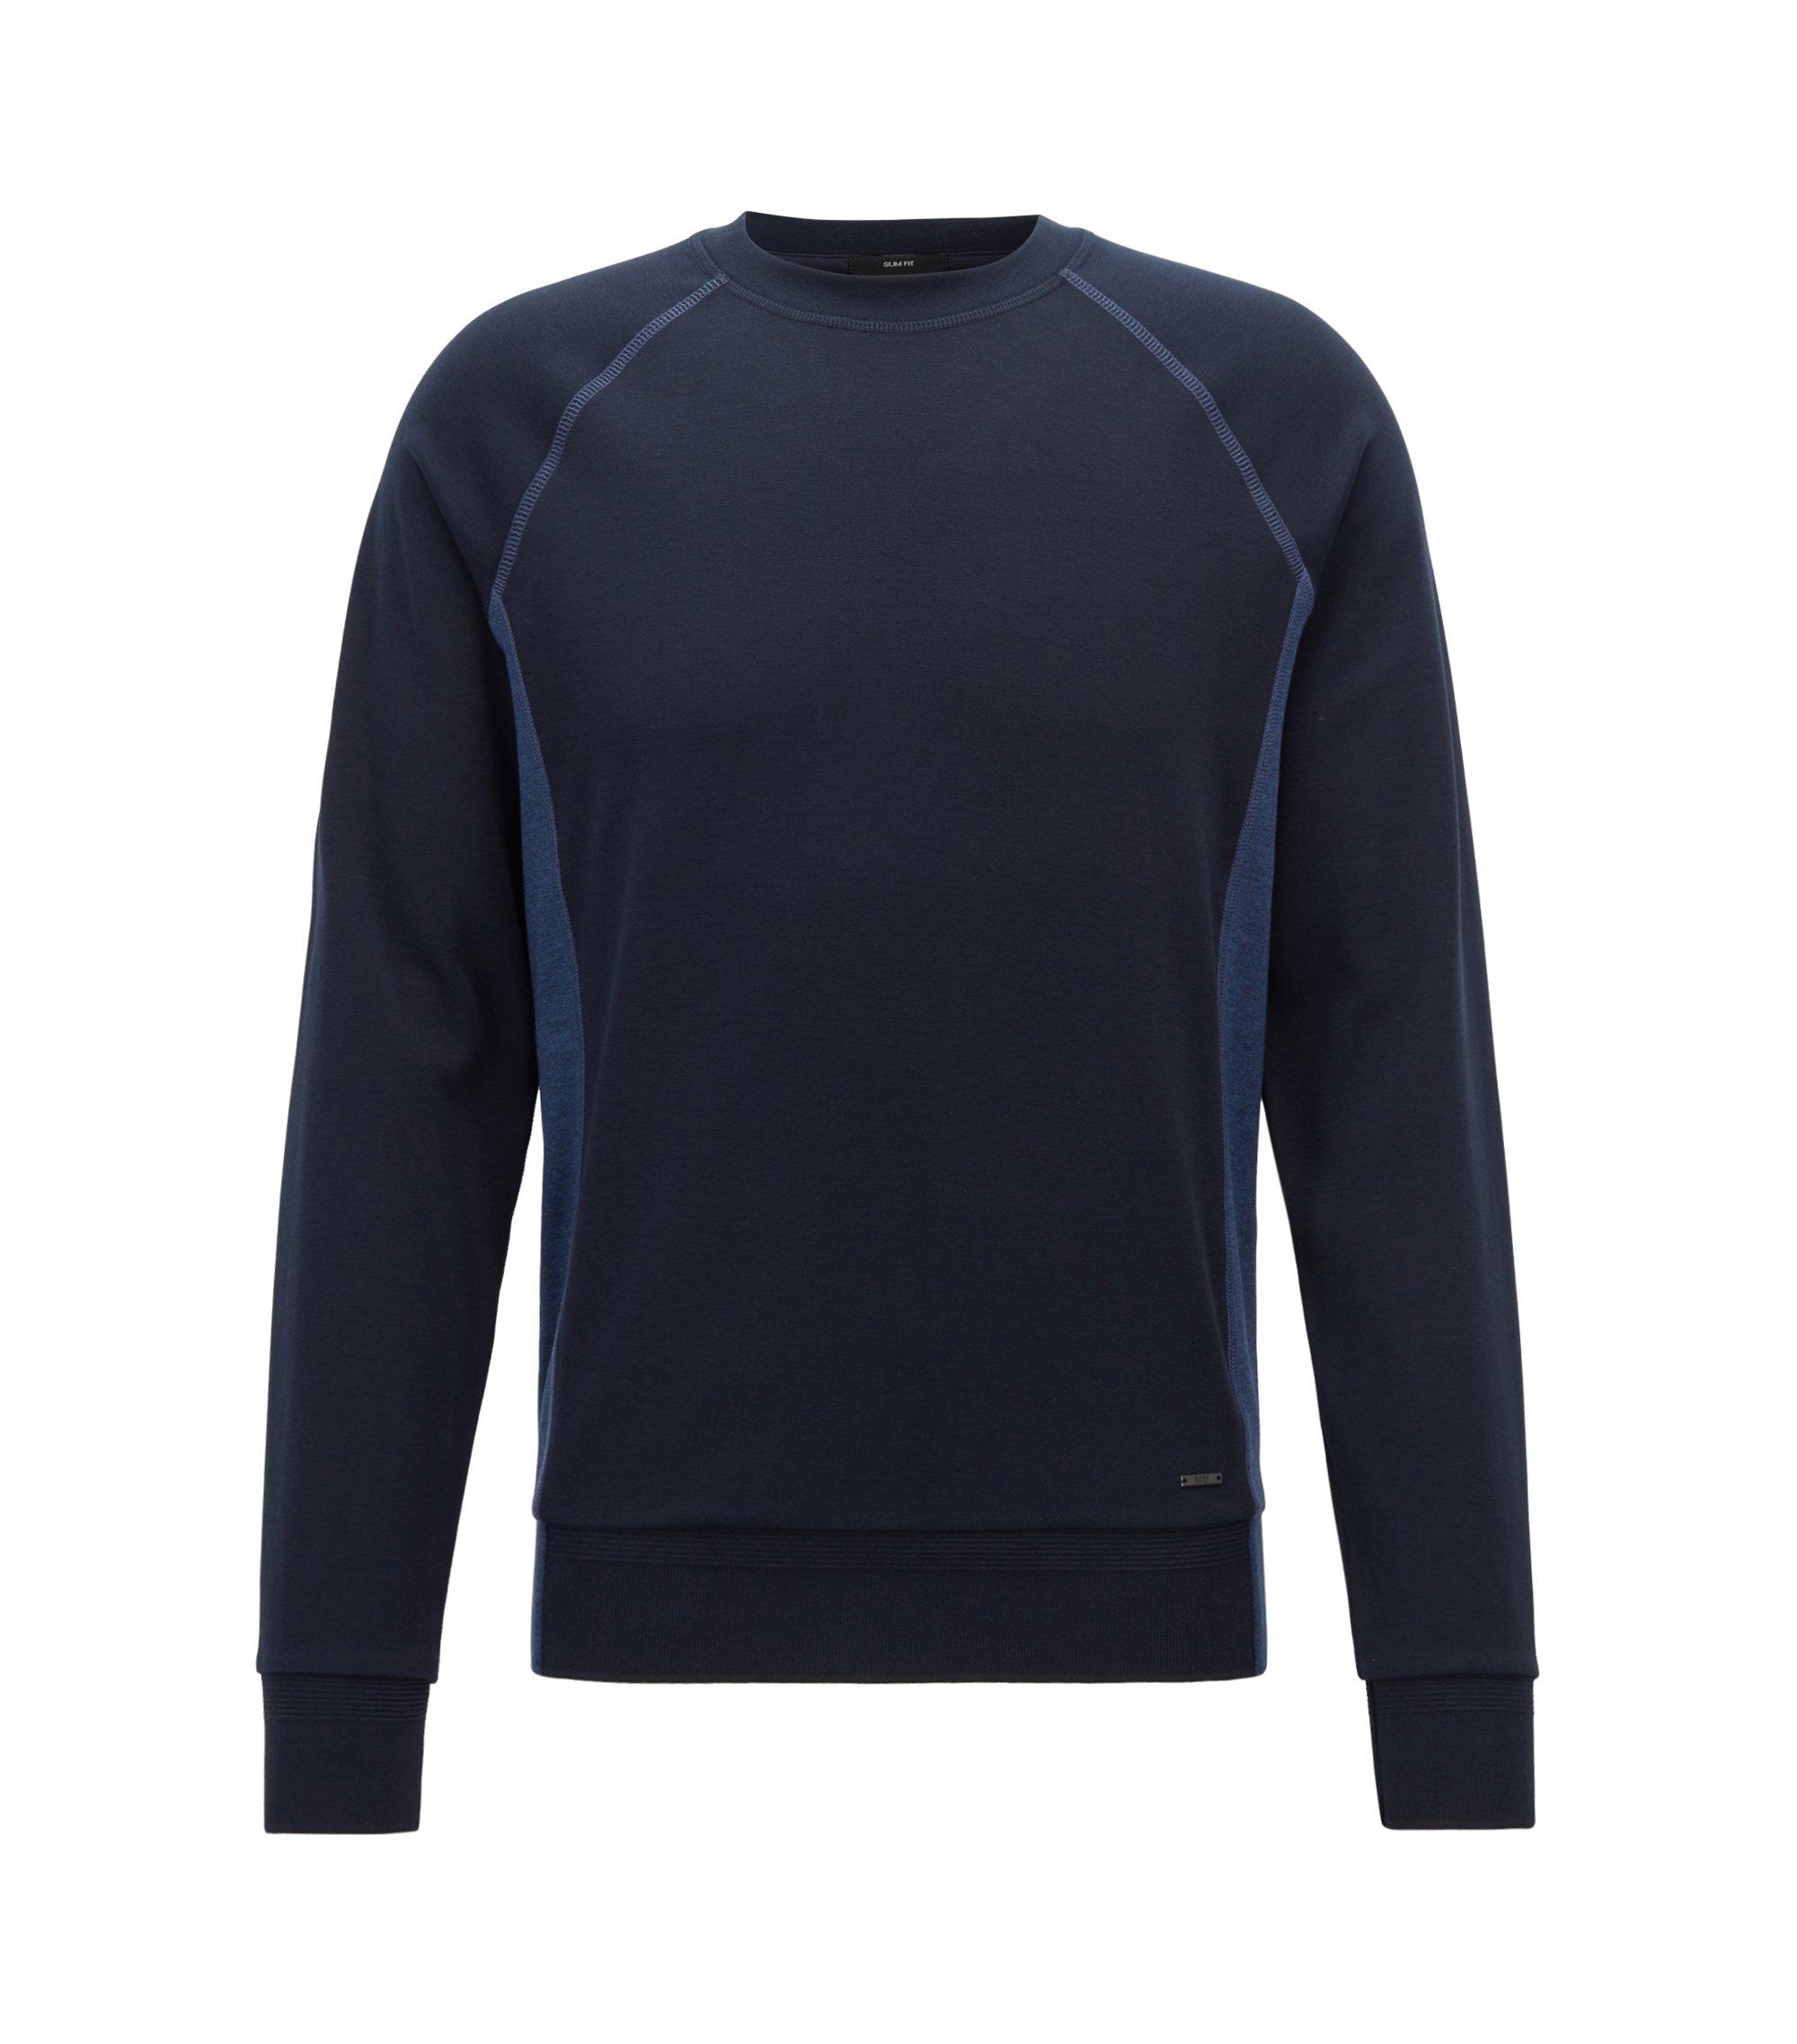 Sudadera slim fit de algodón con textura y detalles en bloques de color, Azul oscuro